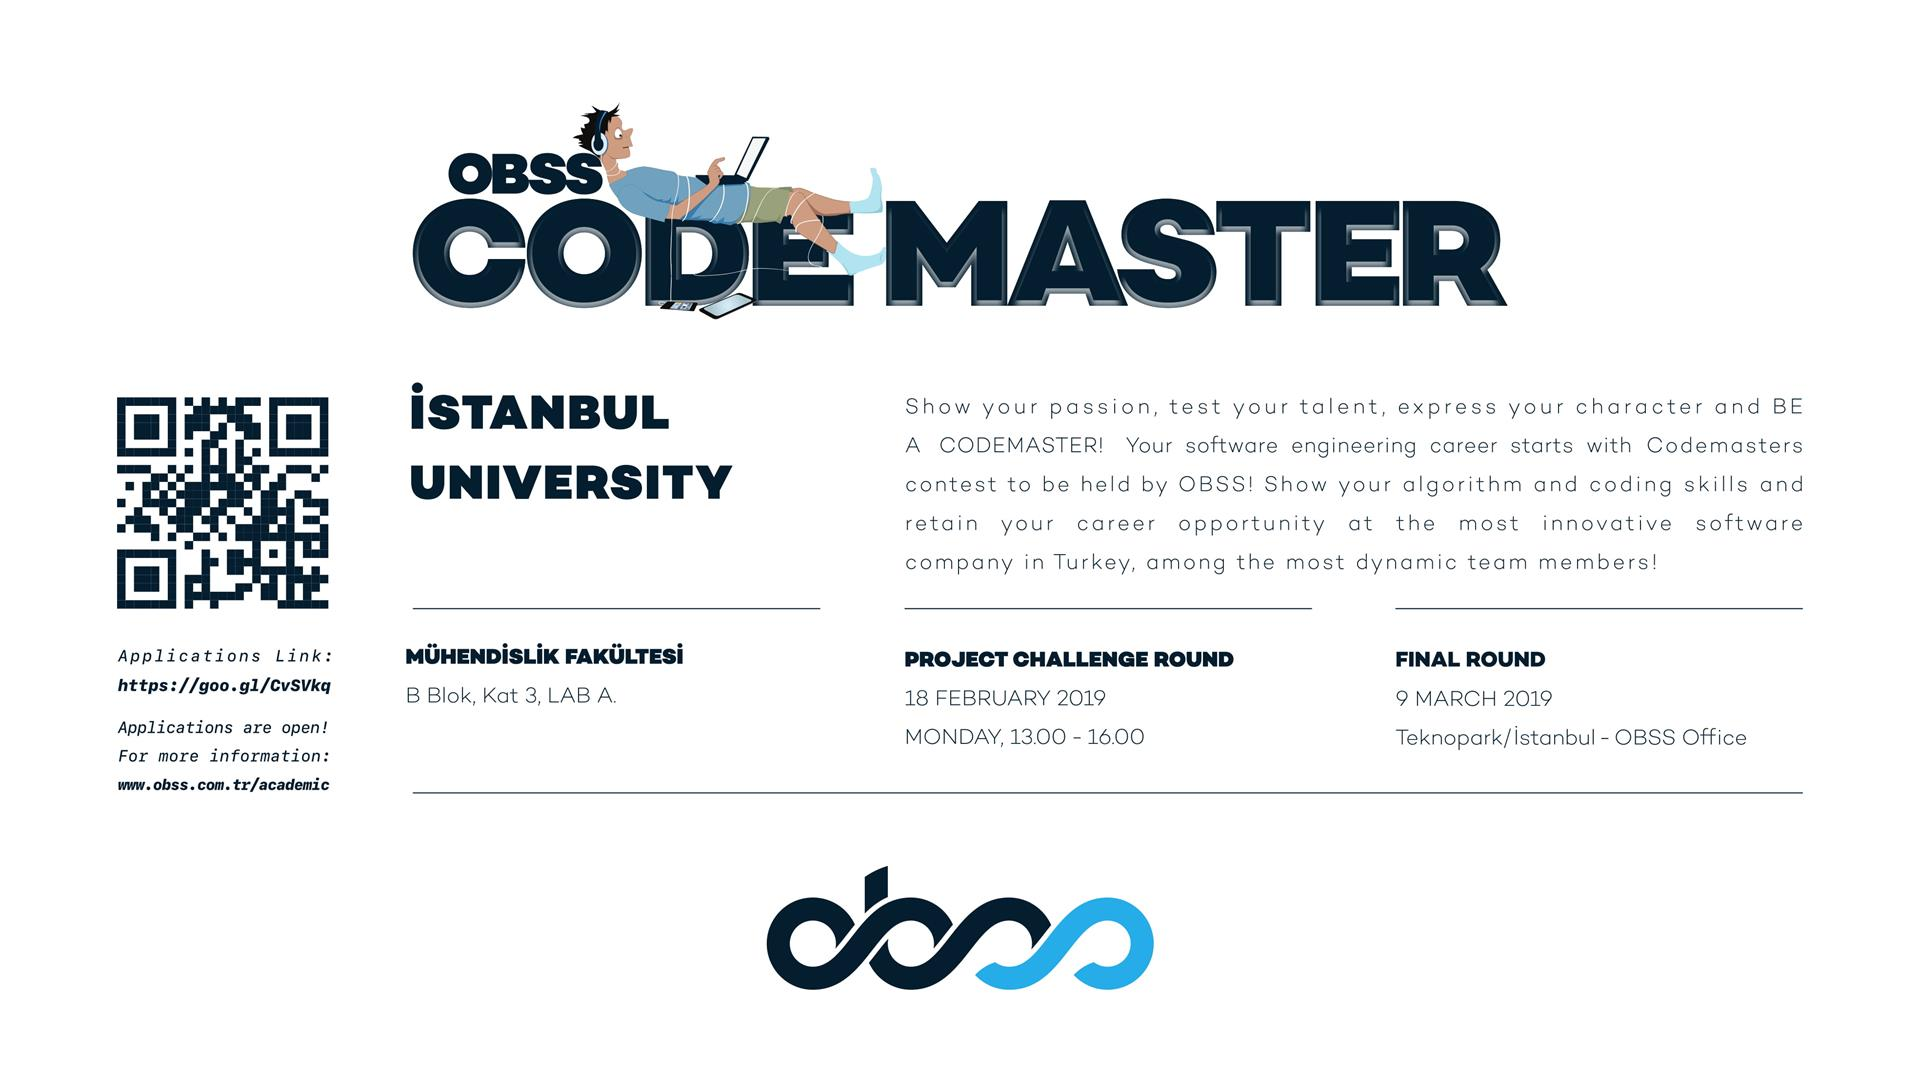 obss yarışma code-master